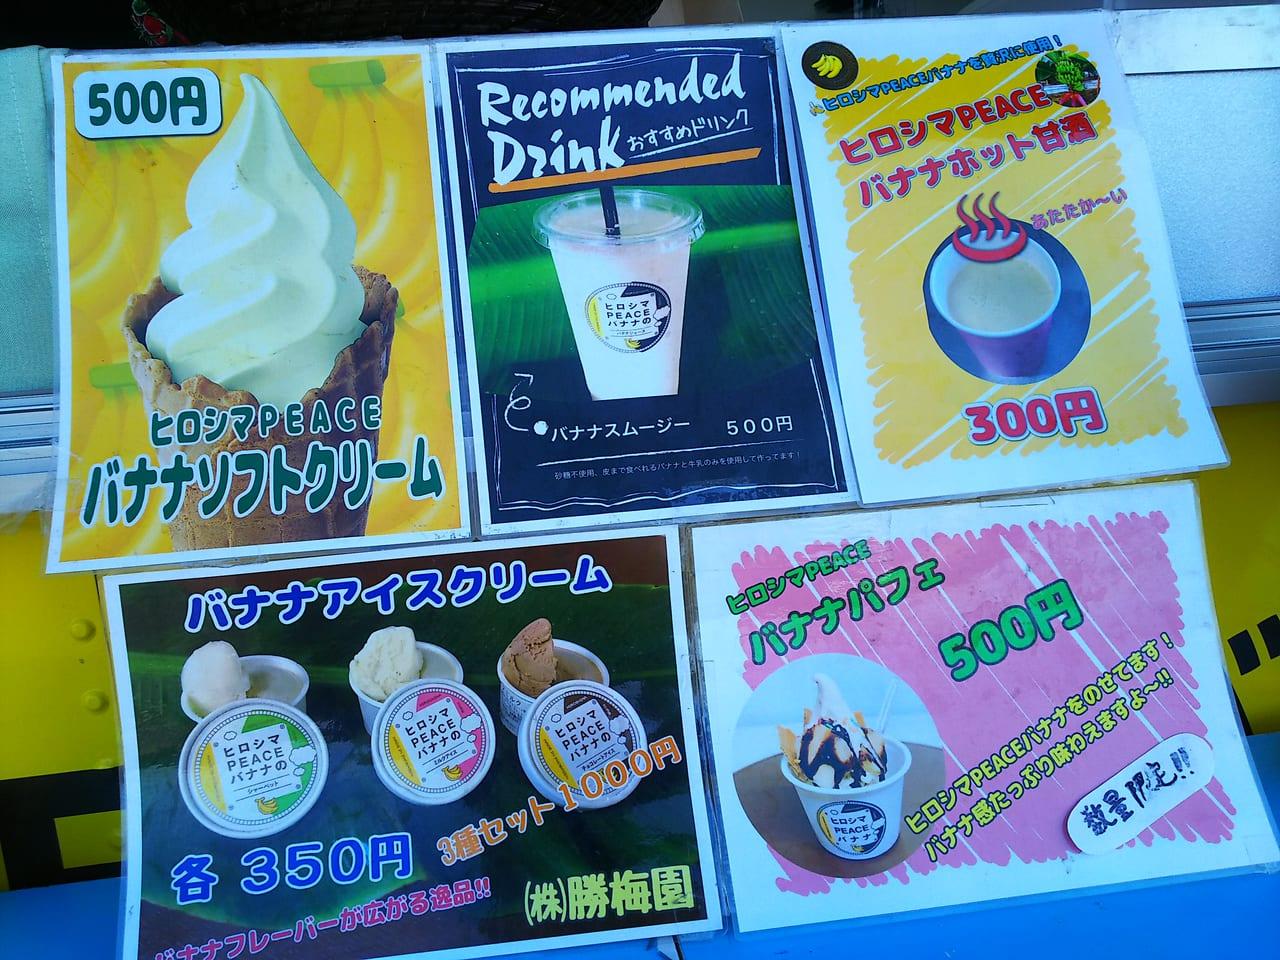 勝梅園ヒロシマPEACEバナナキッチンカーのメニュー